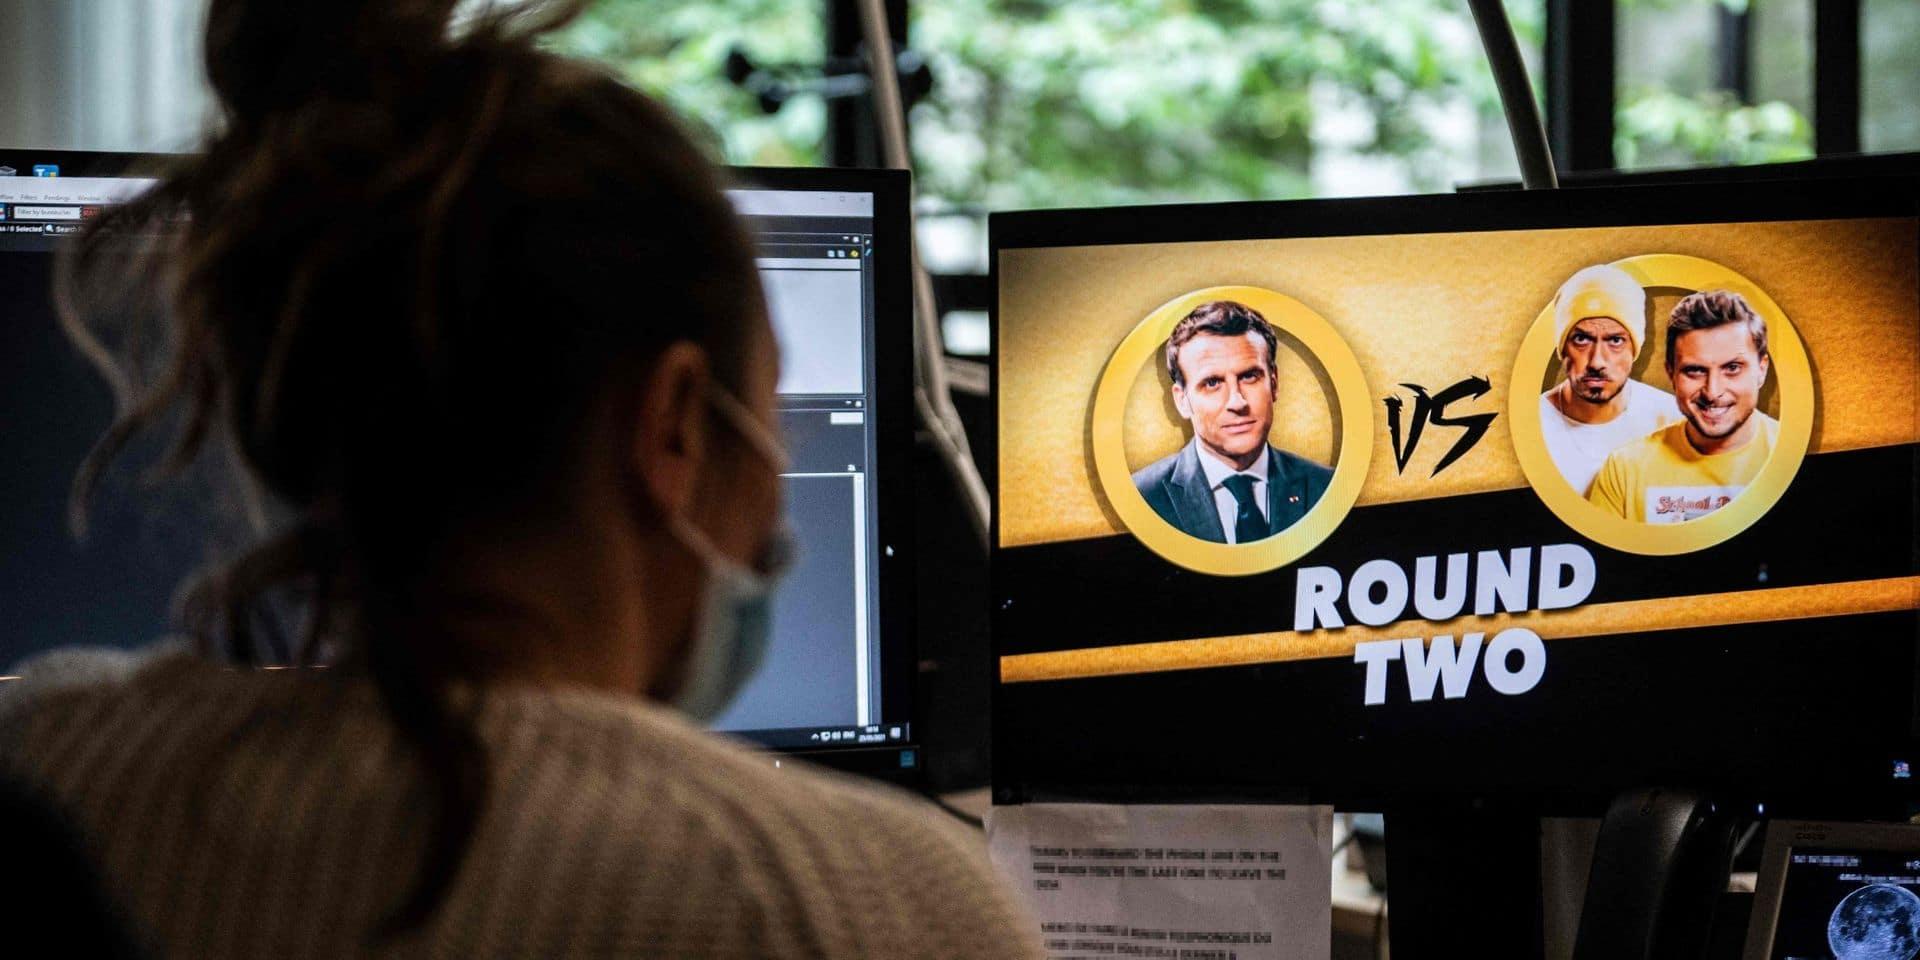 Emmanuel Macron a-t-il eu raison de tourner une vidéo avec les youtubeurs McFly et Carlito ?